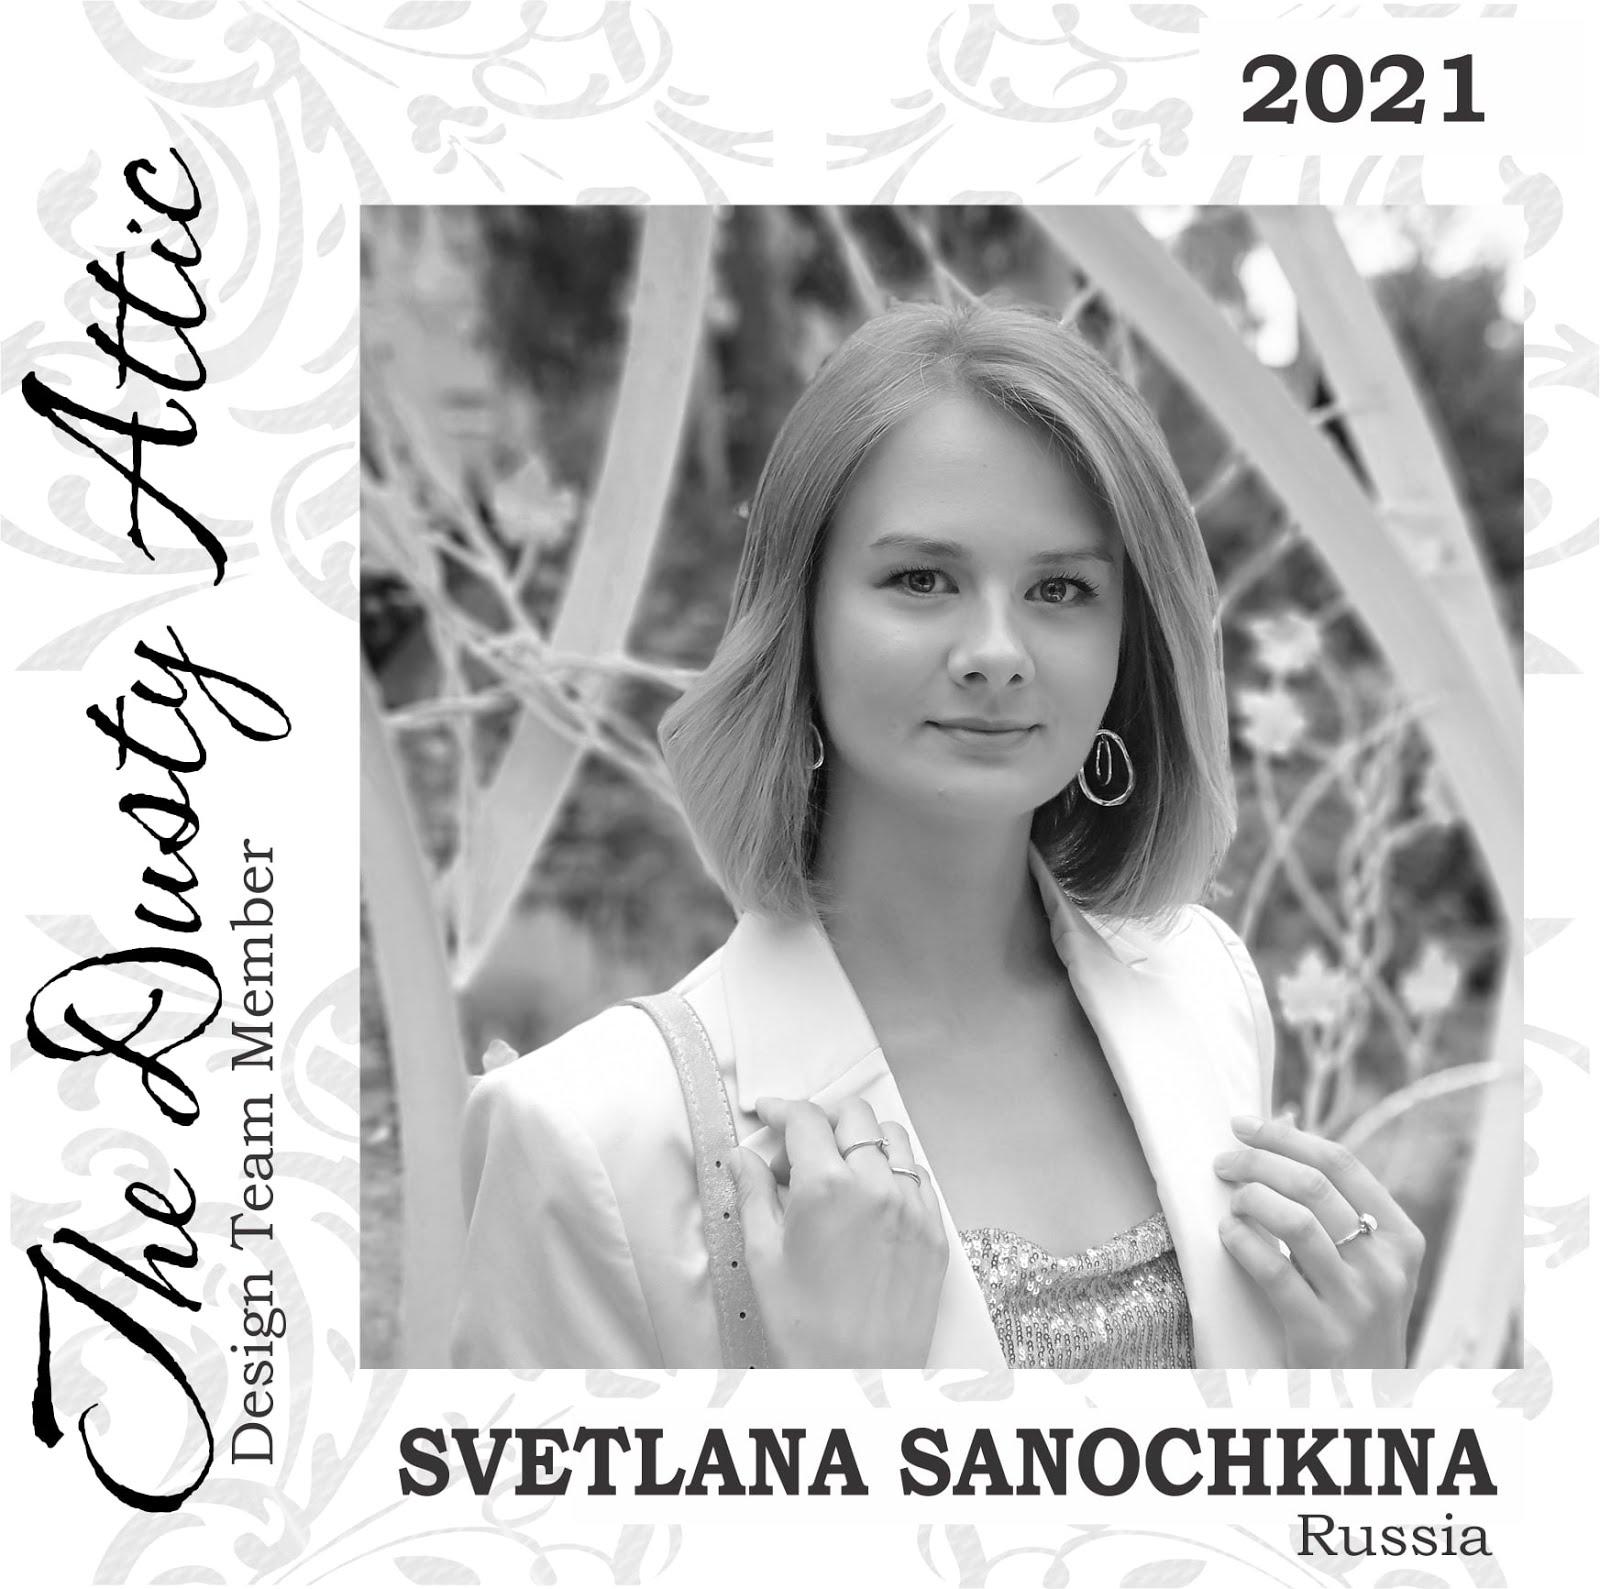 Svetlana Sanochkina